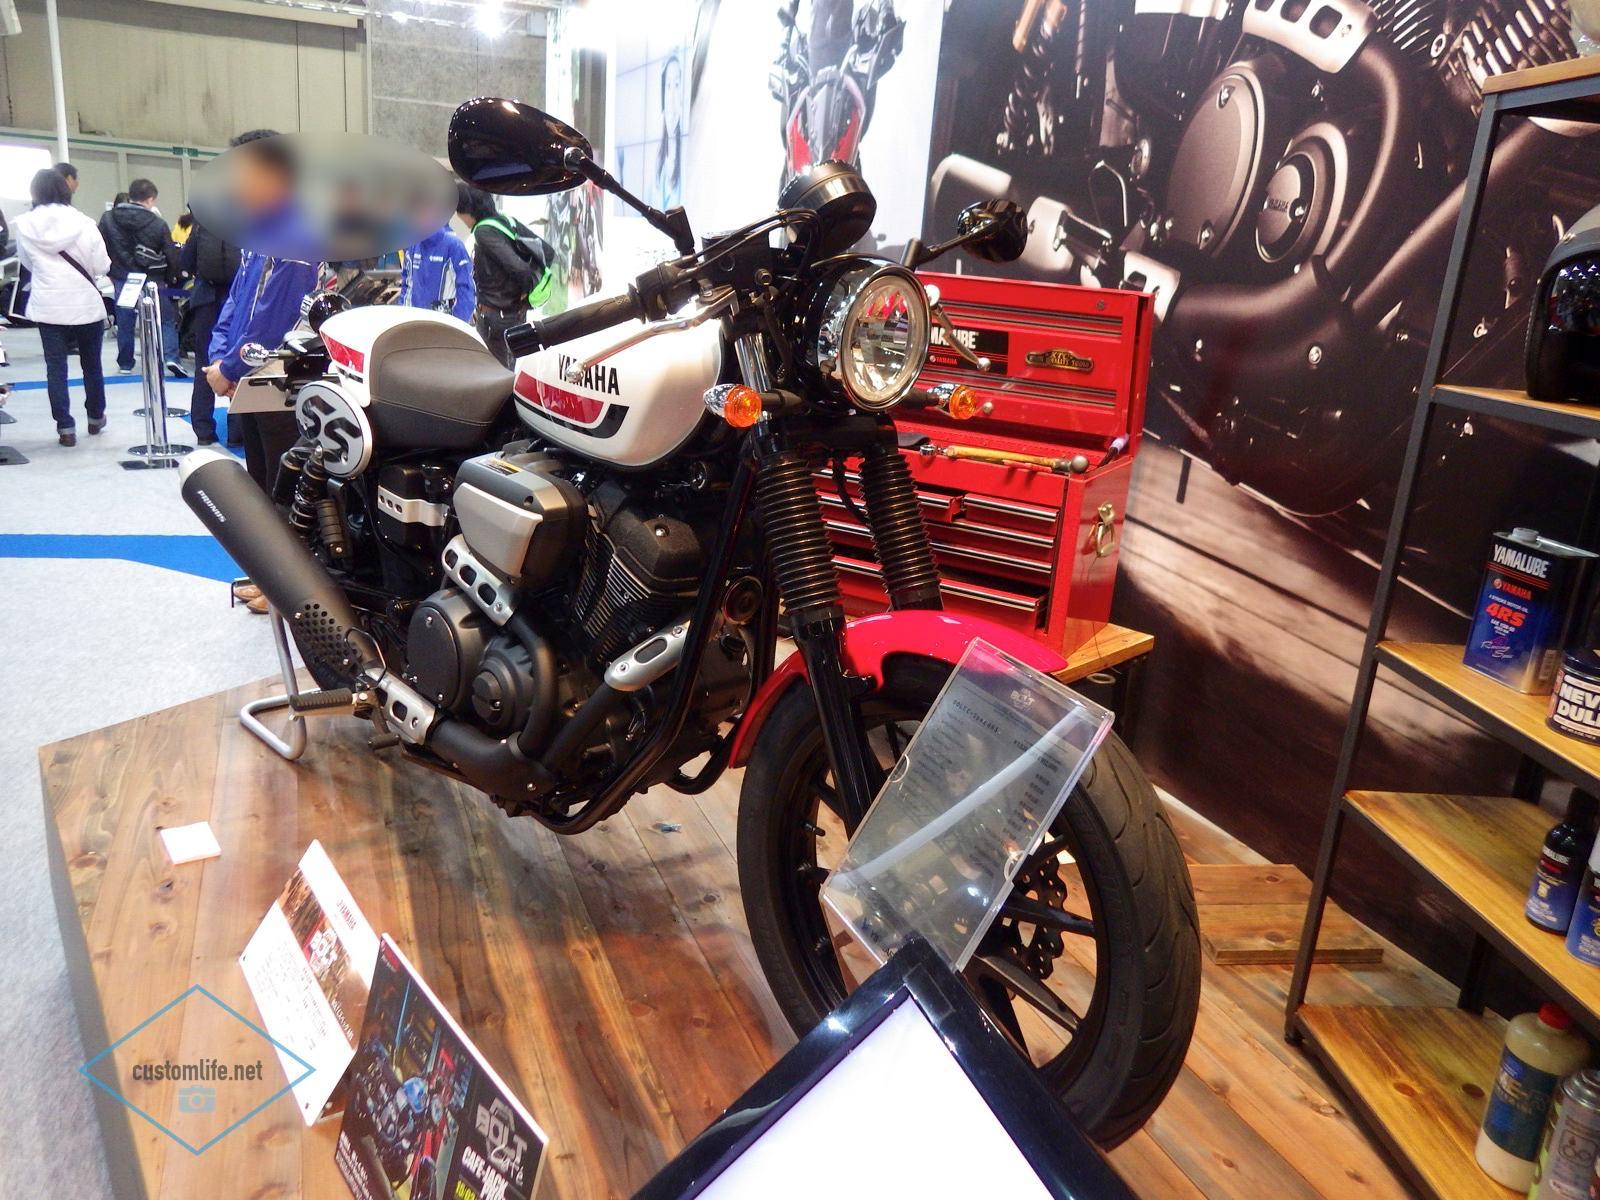 MotorcycleShow 2015 Osaka 100